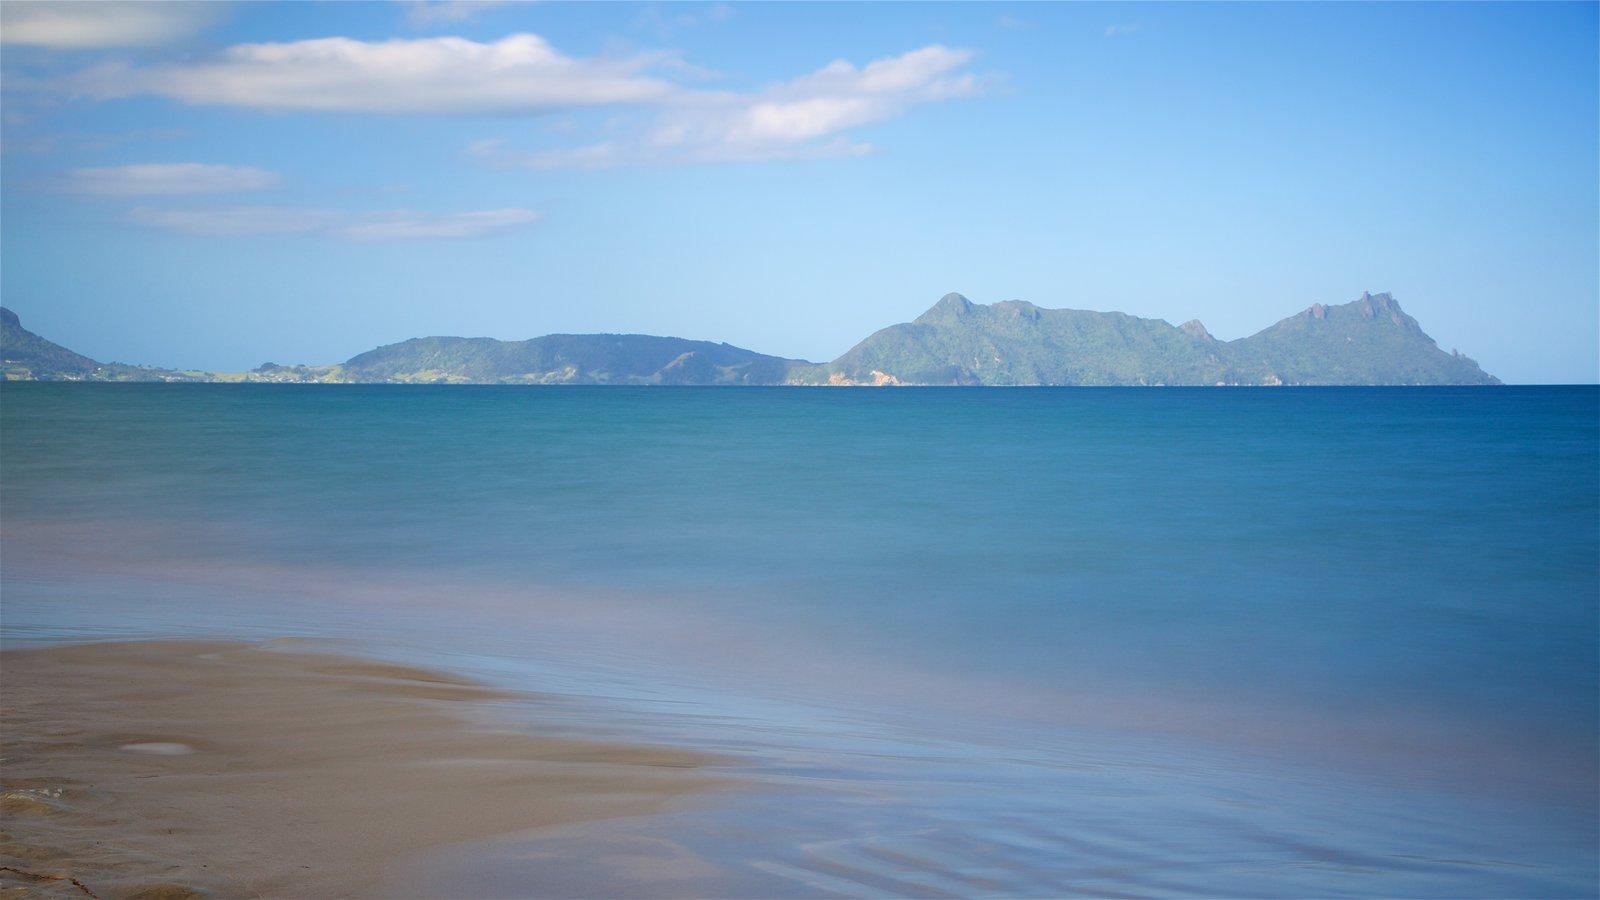 Whangarei ofreciendo una bahía o puerto, una playa de arena y montañas